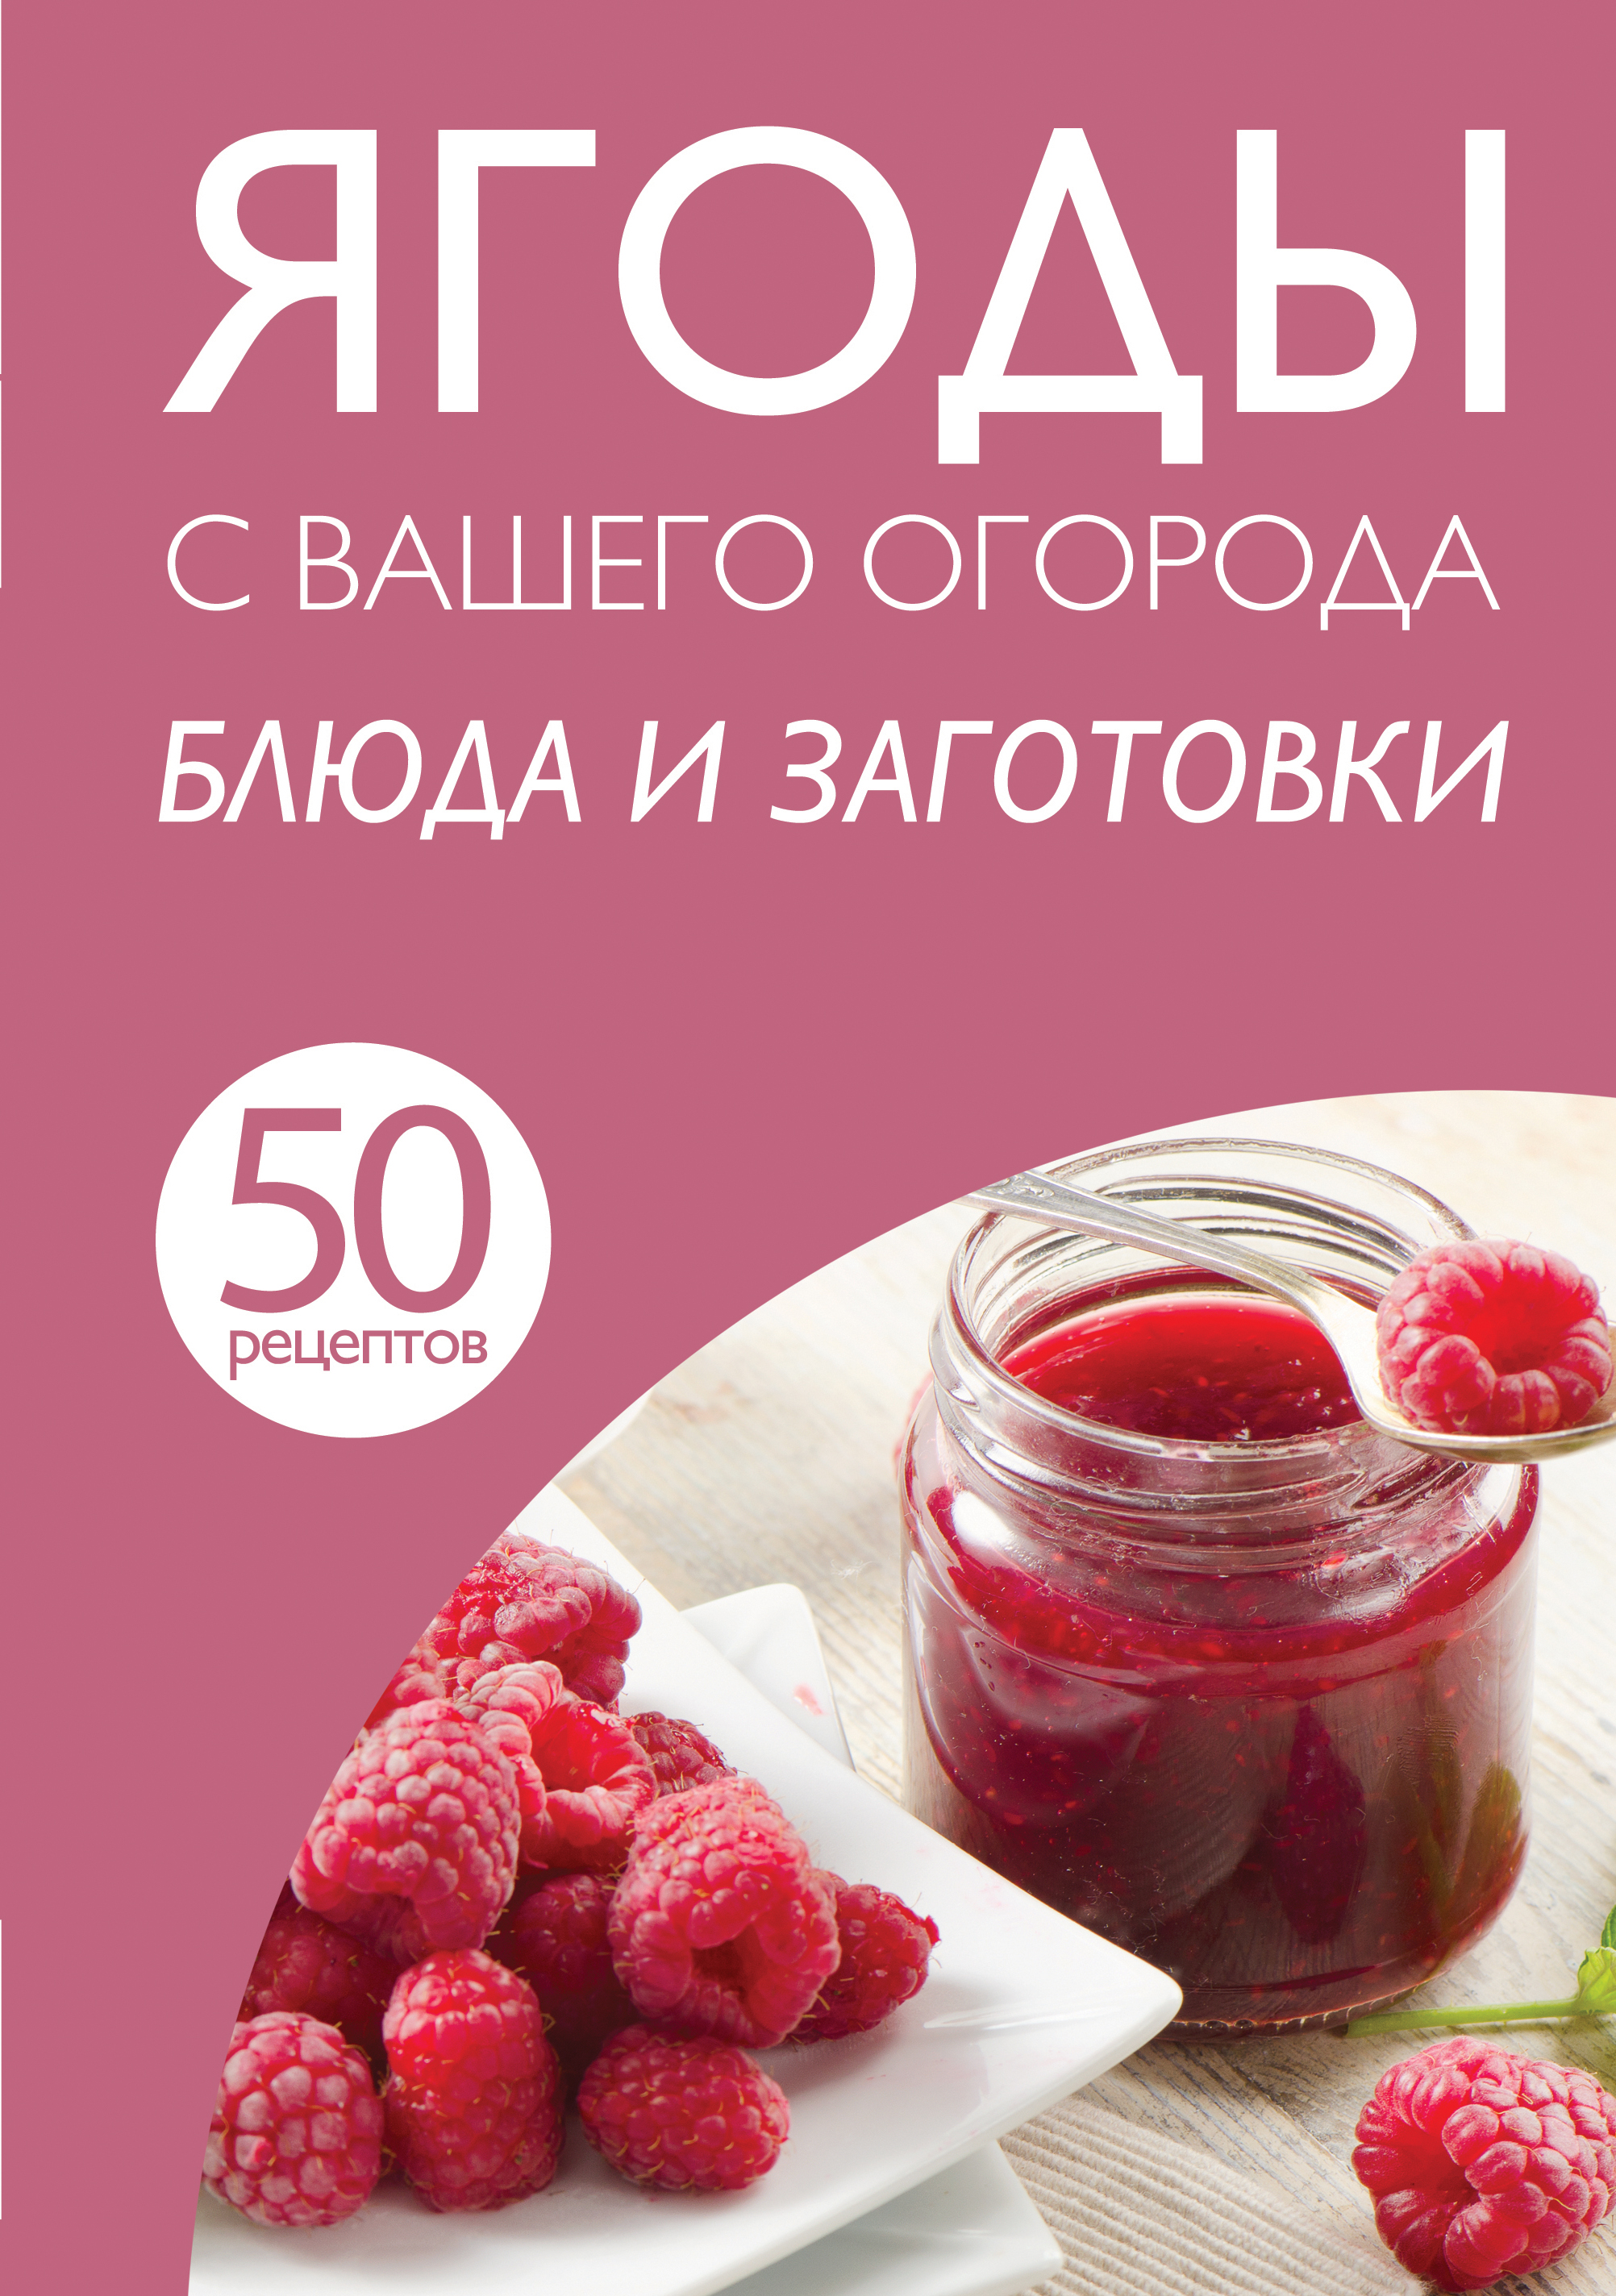 50 рецептов. Ягоды с вашего огорода. Блюда и заготовки 50 рецептов блюда с яблоками